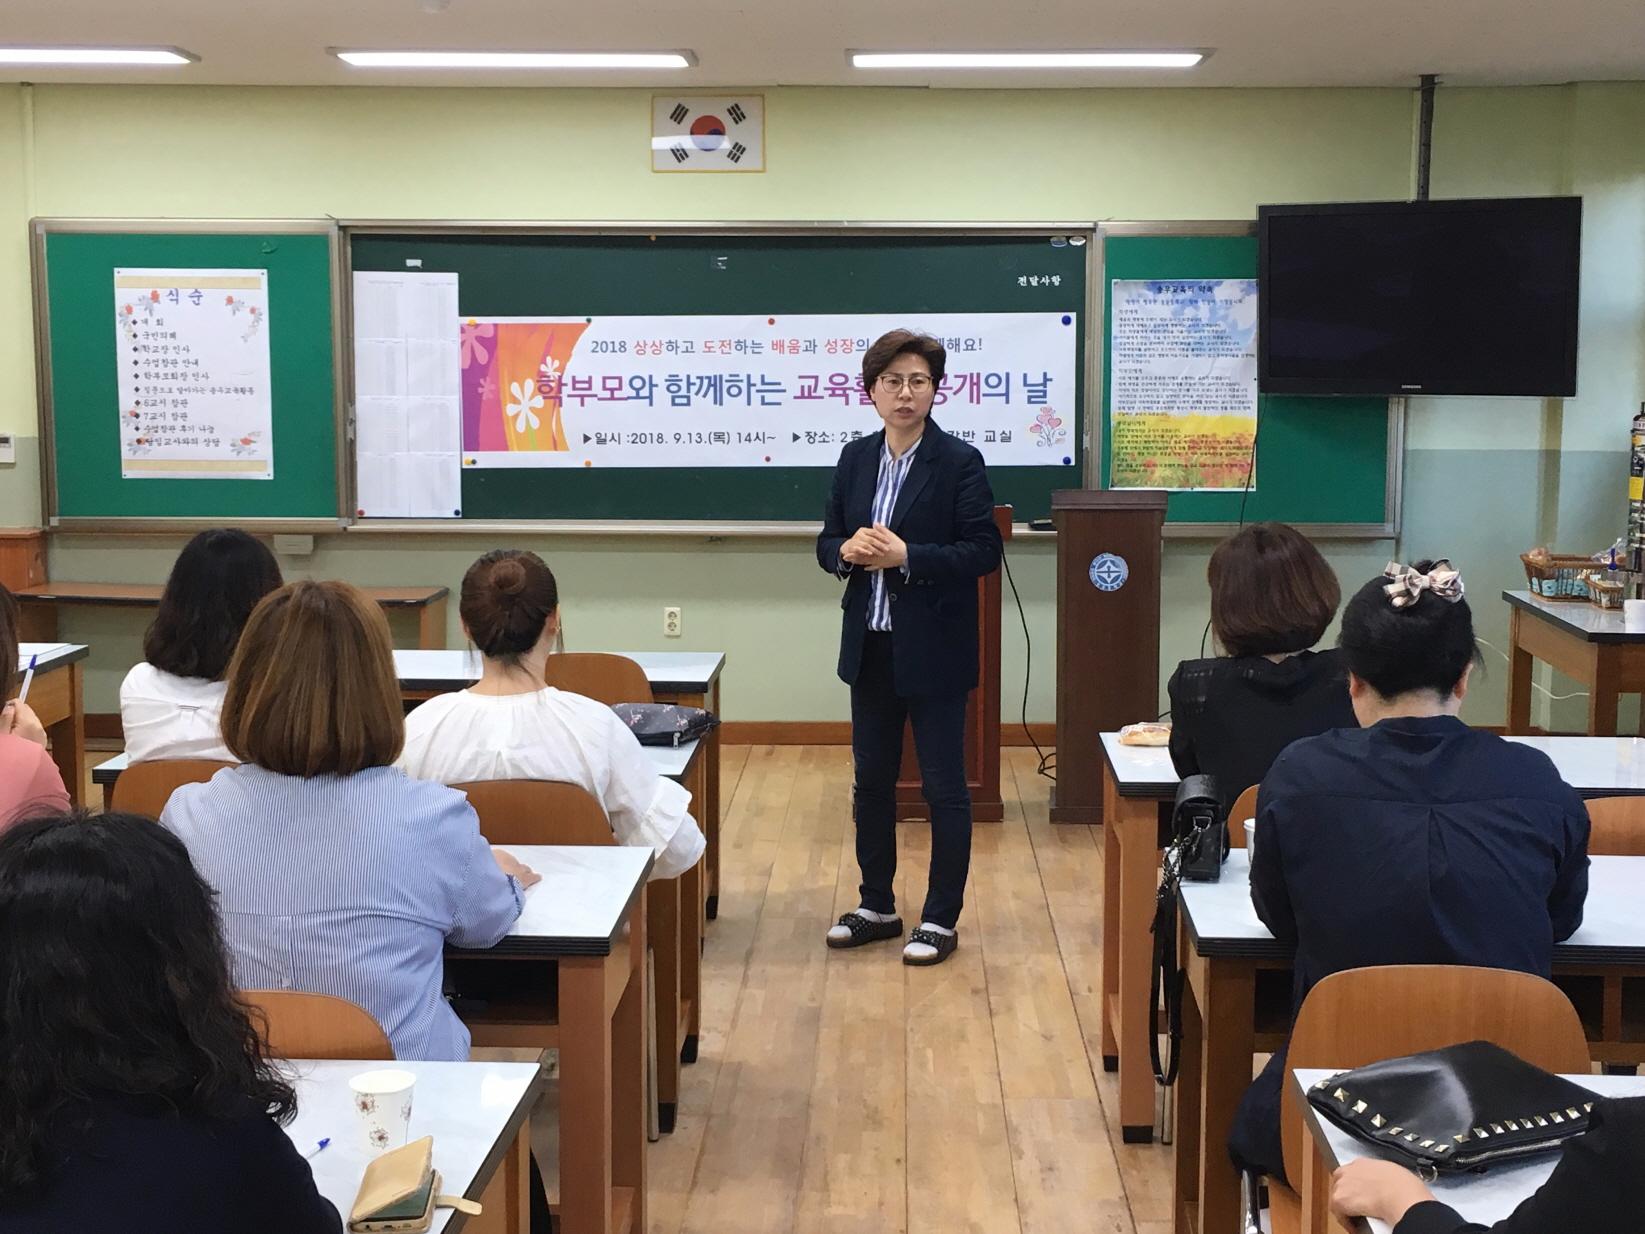 [일반] 2018학년도 2학기 학부모와 함께하는 교육활동 공개의 날의 첨부이미지 2